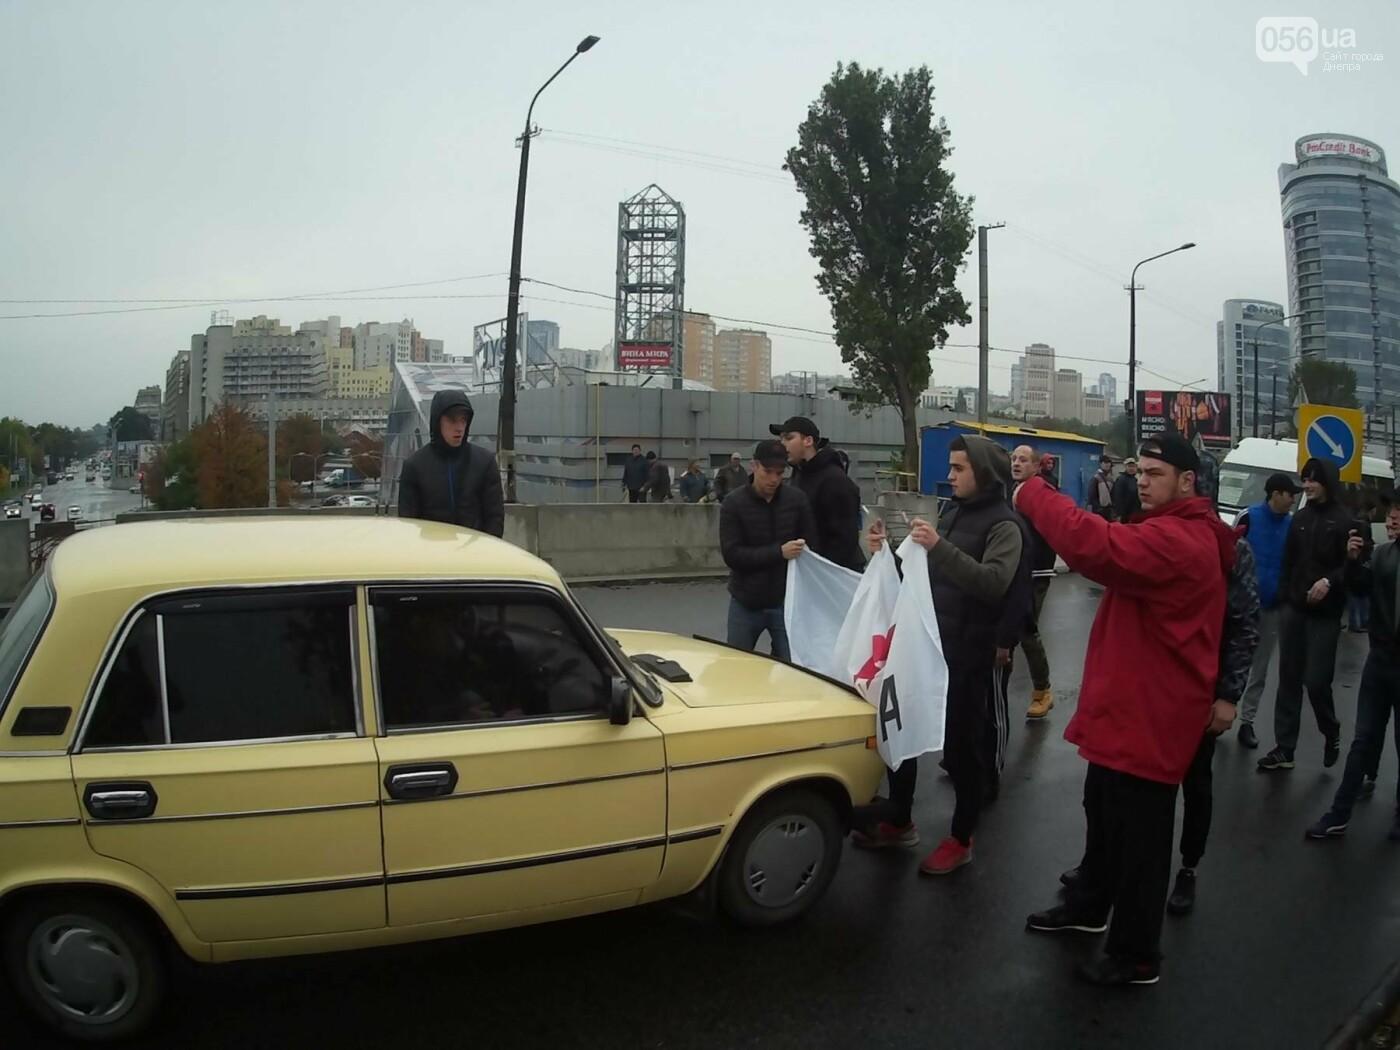 В Днепре на Центральном мосту произошла драка между активистами и полицией (ФОТО, ВИДЕО), фото-4